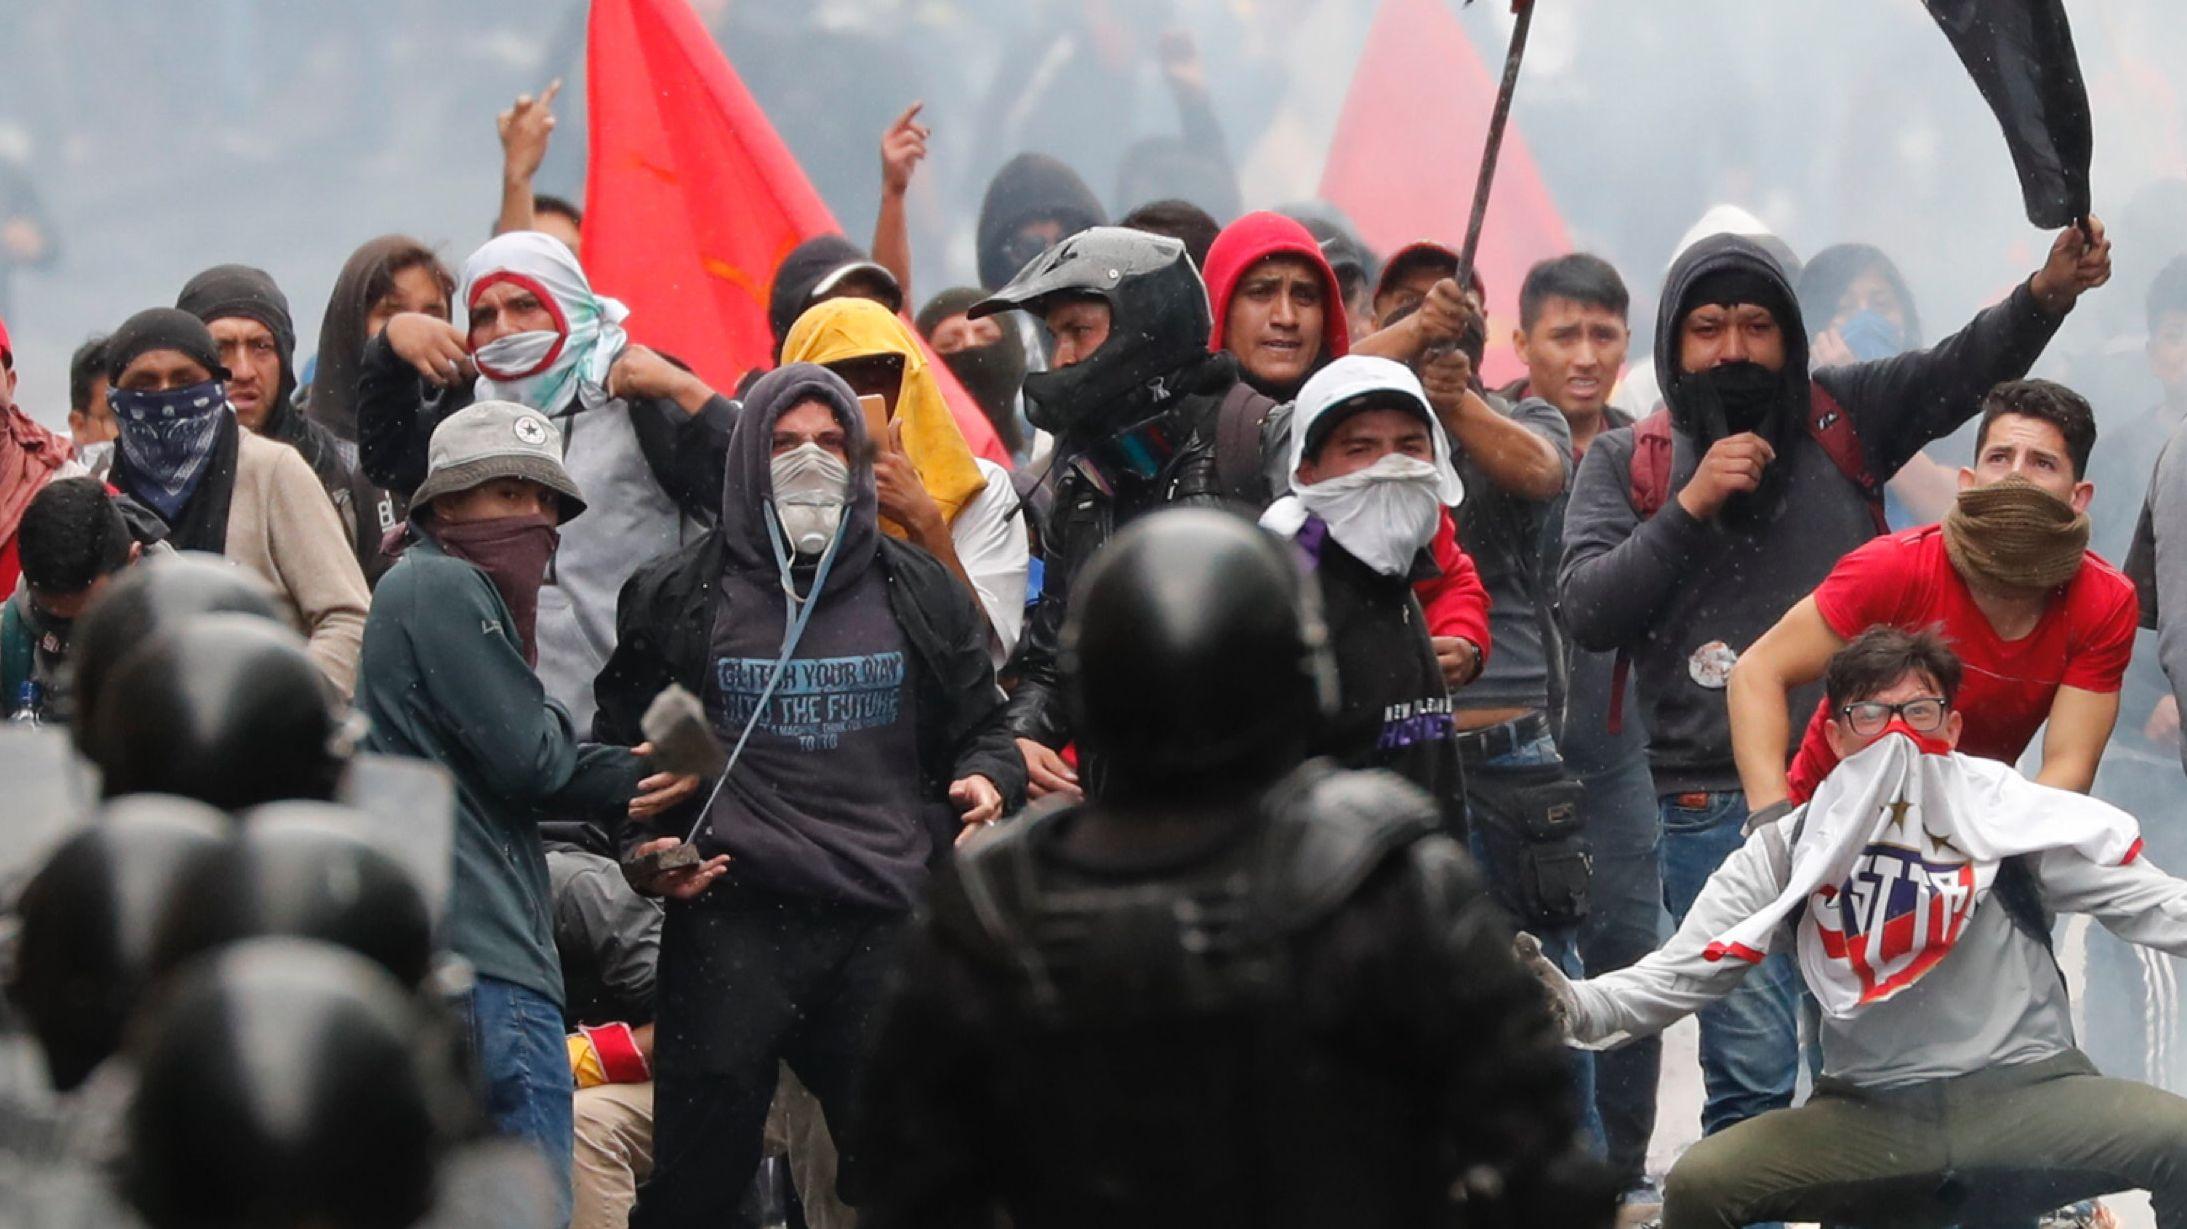 Menschen protestieren in Quito, der Hauptstadt Ecuadors, gegen die Erhöhung der Spritpreise.